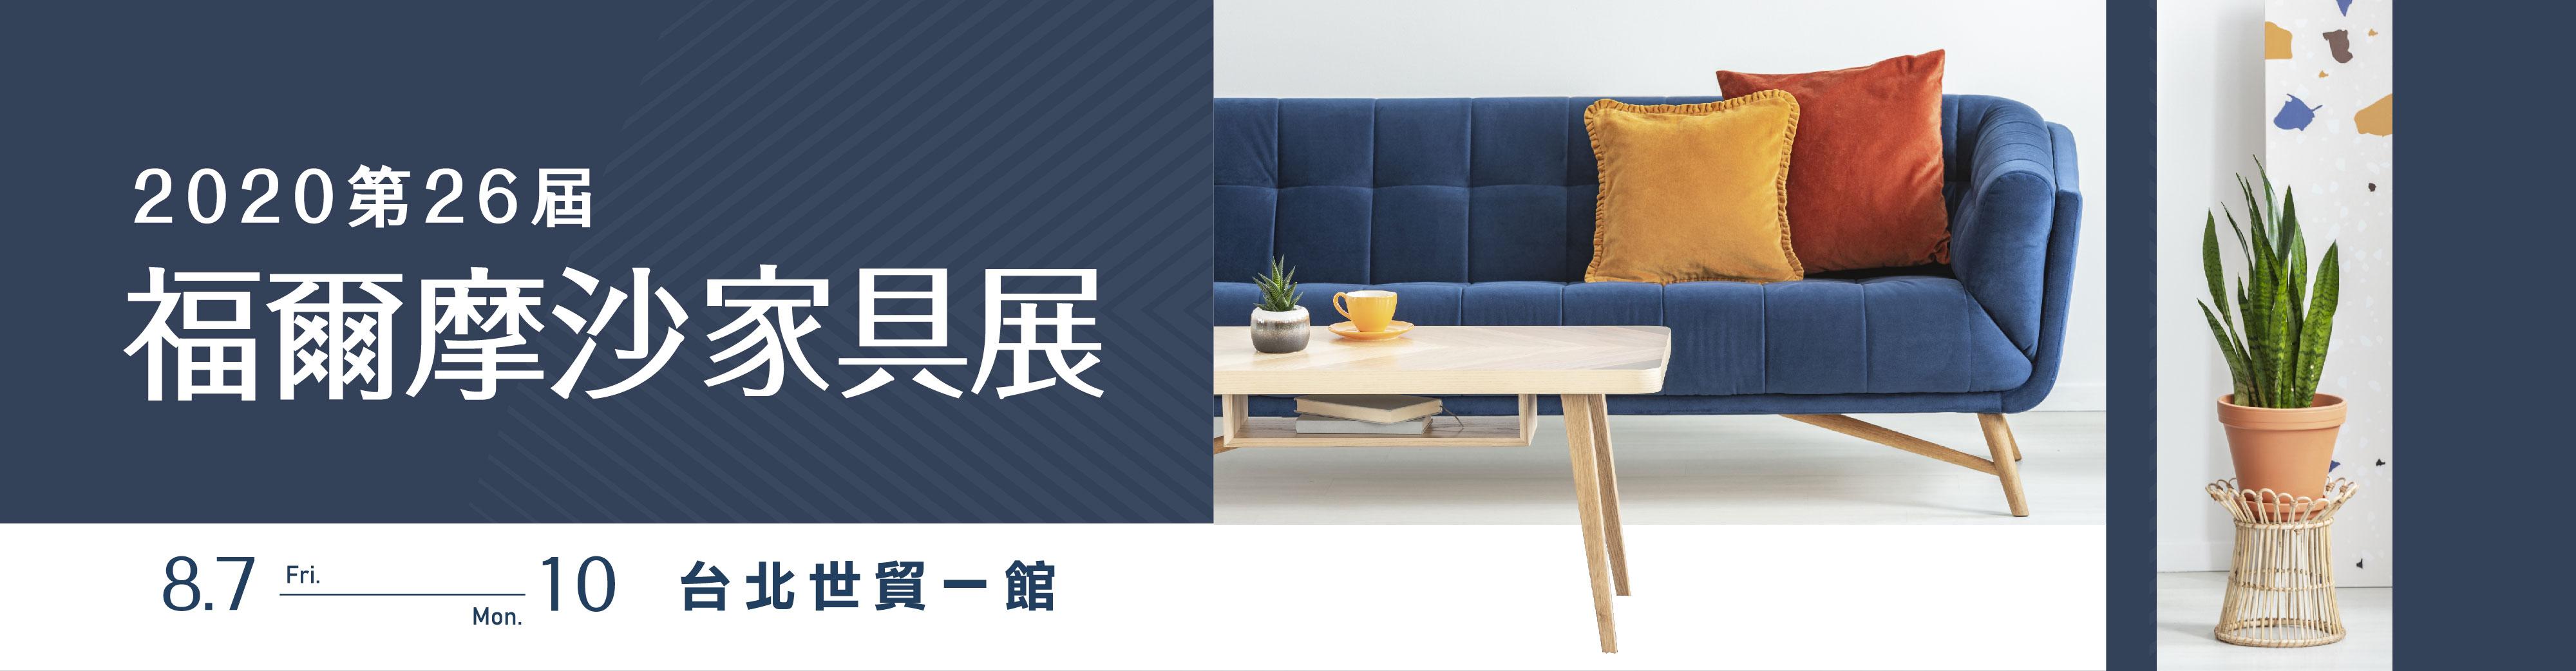 第30屆台北國際家具展